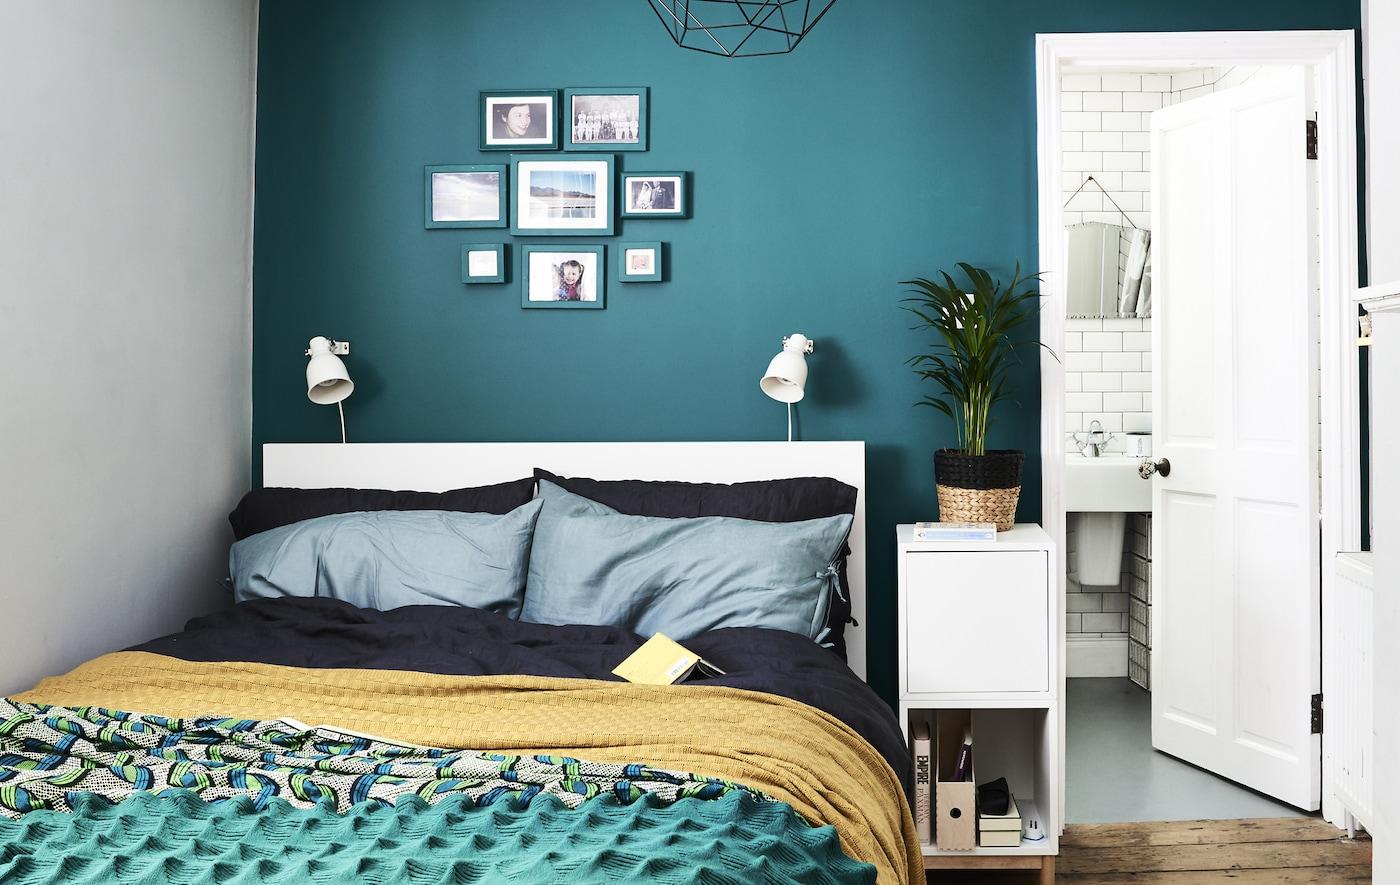 Ein Schlafzimmer mit dunkelgrünen Wänden und bunter Bettwäsche.